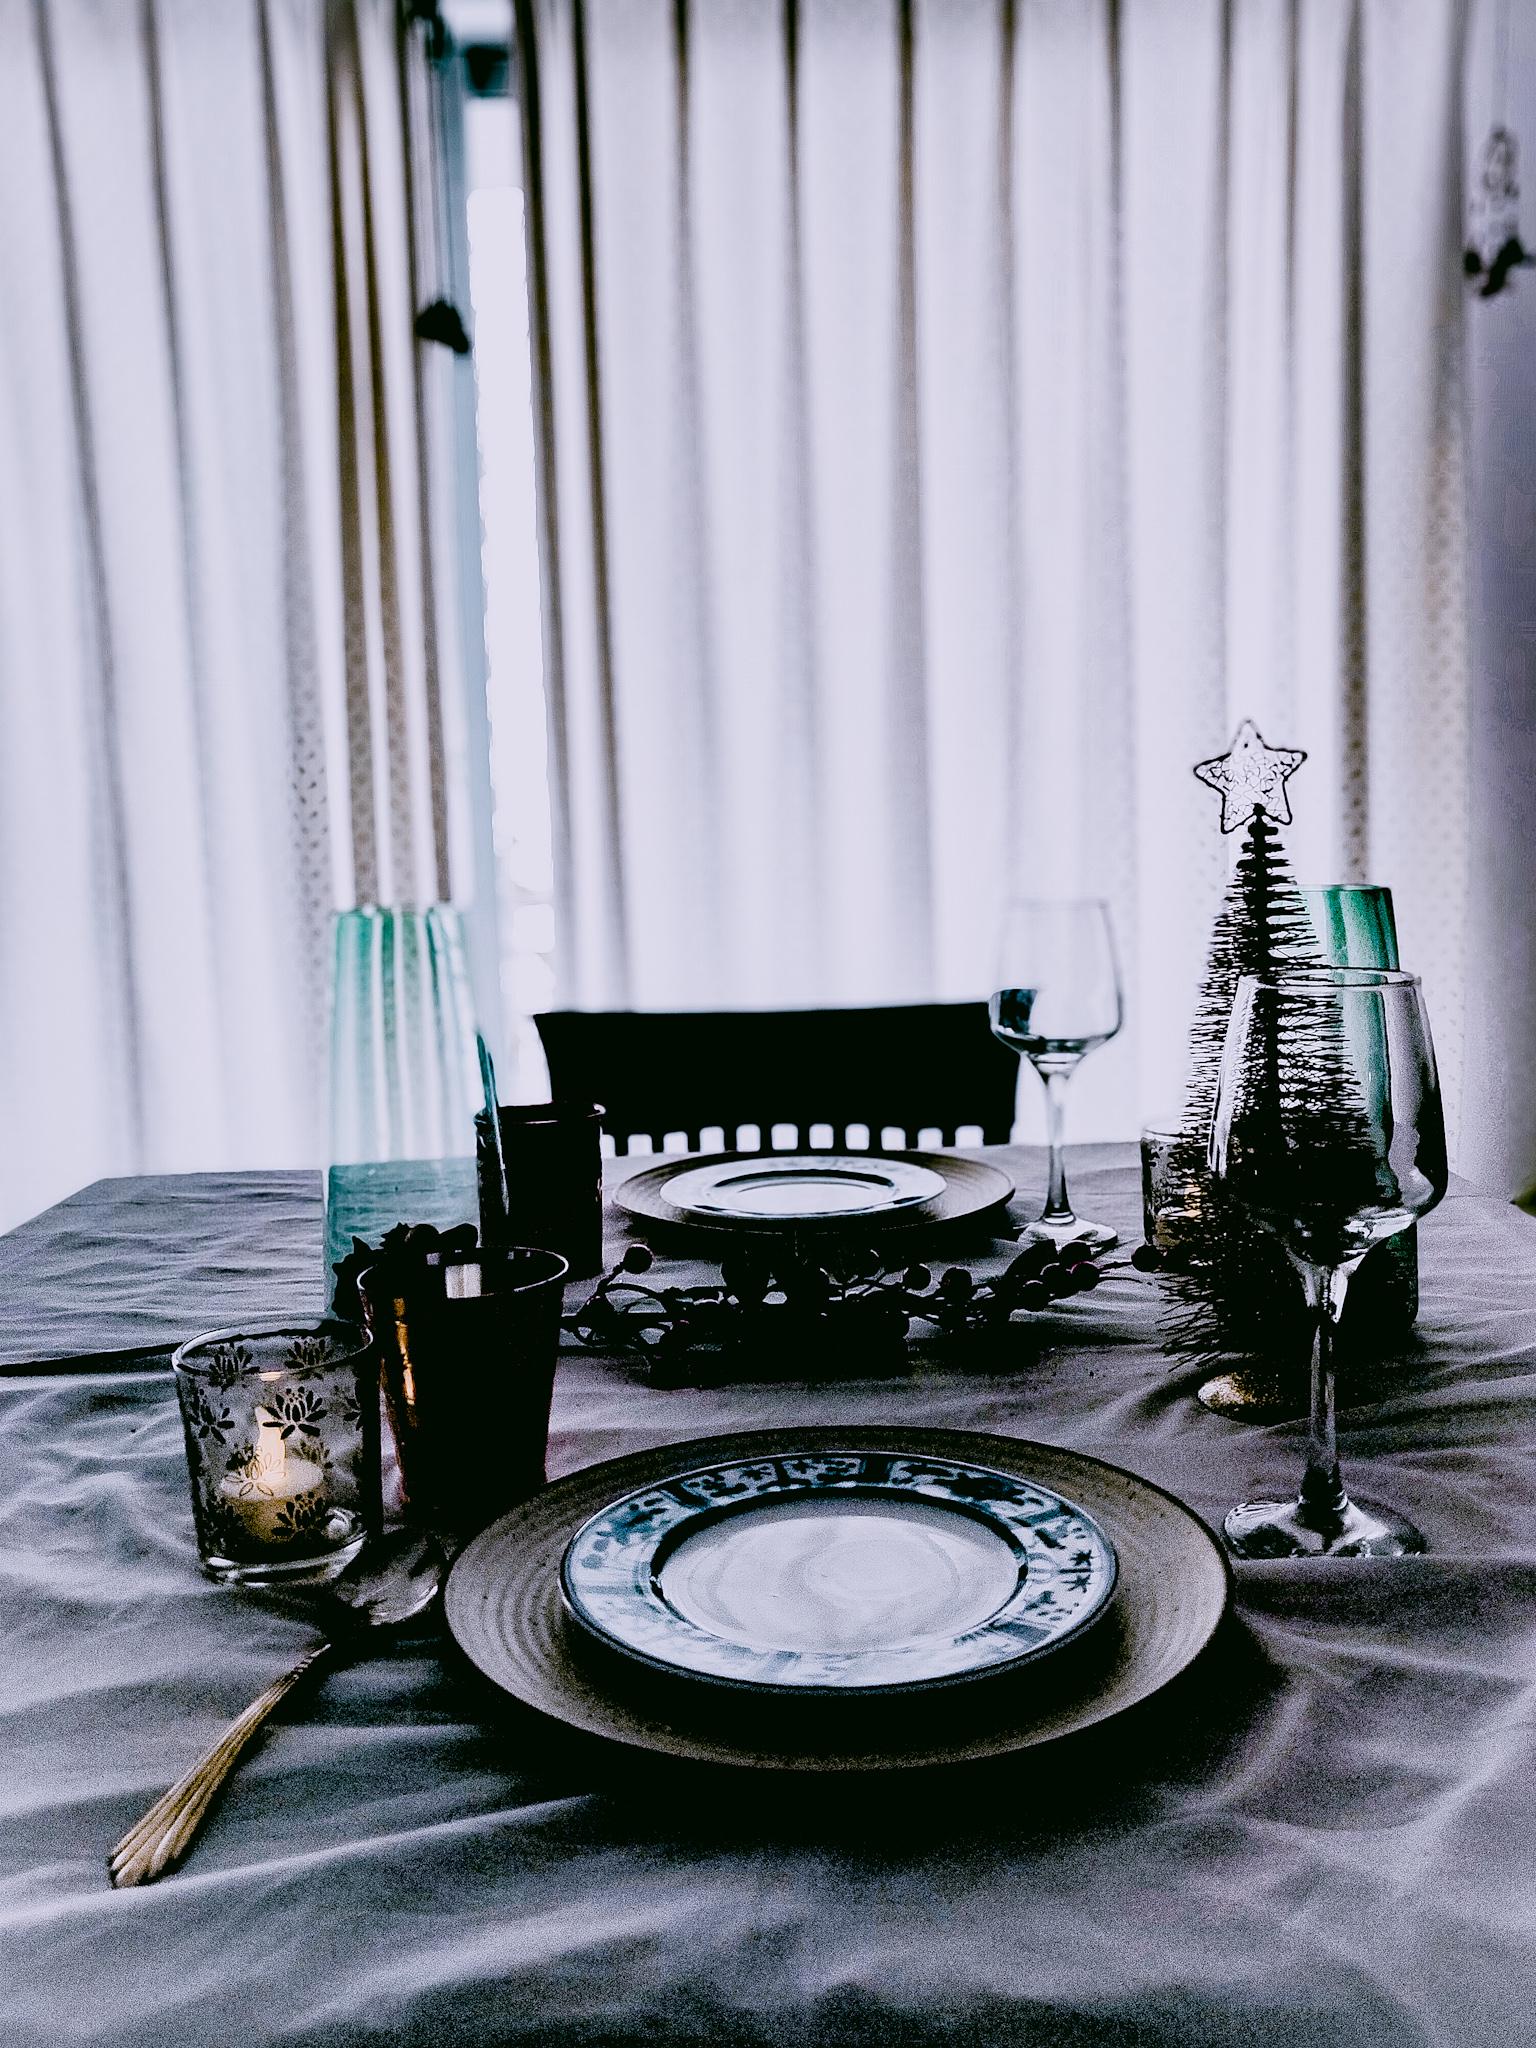 dinnerpartytablesetting.jpeg